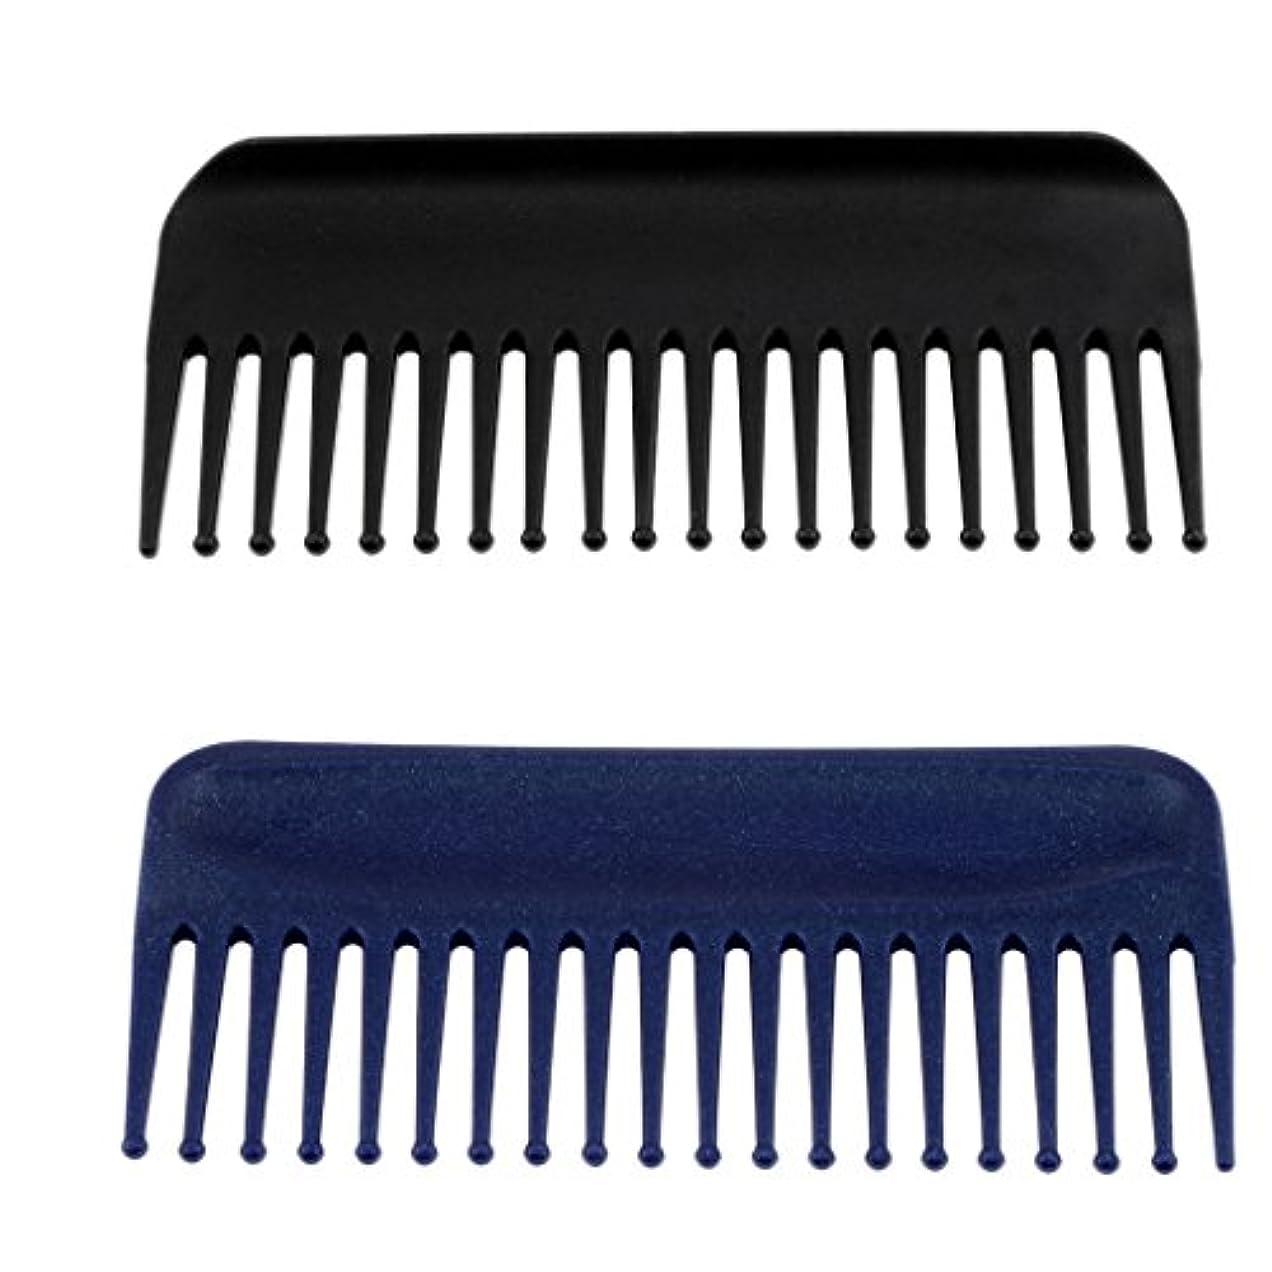 平均に話す書誌Sharplace ヘアコーム 静電気防止櫛 頭皮マッサージ ヘアケア 2個